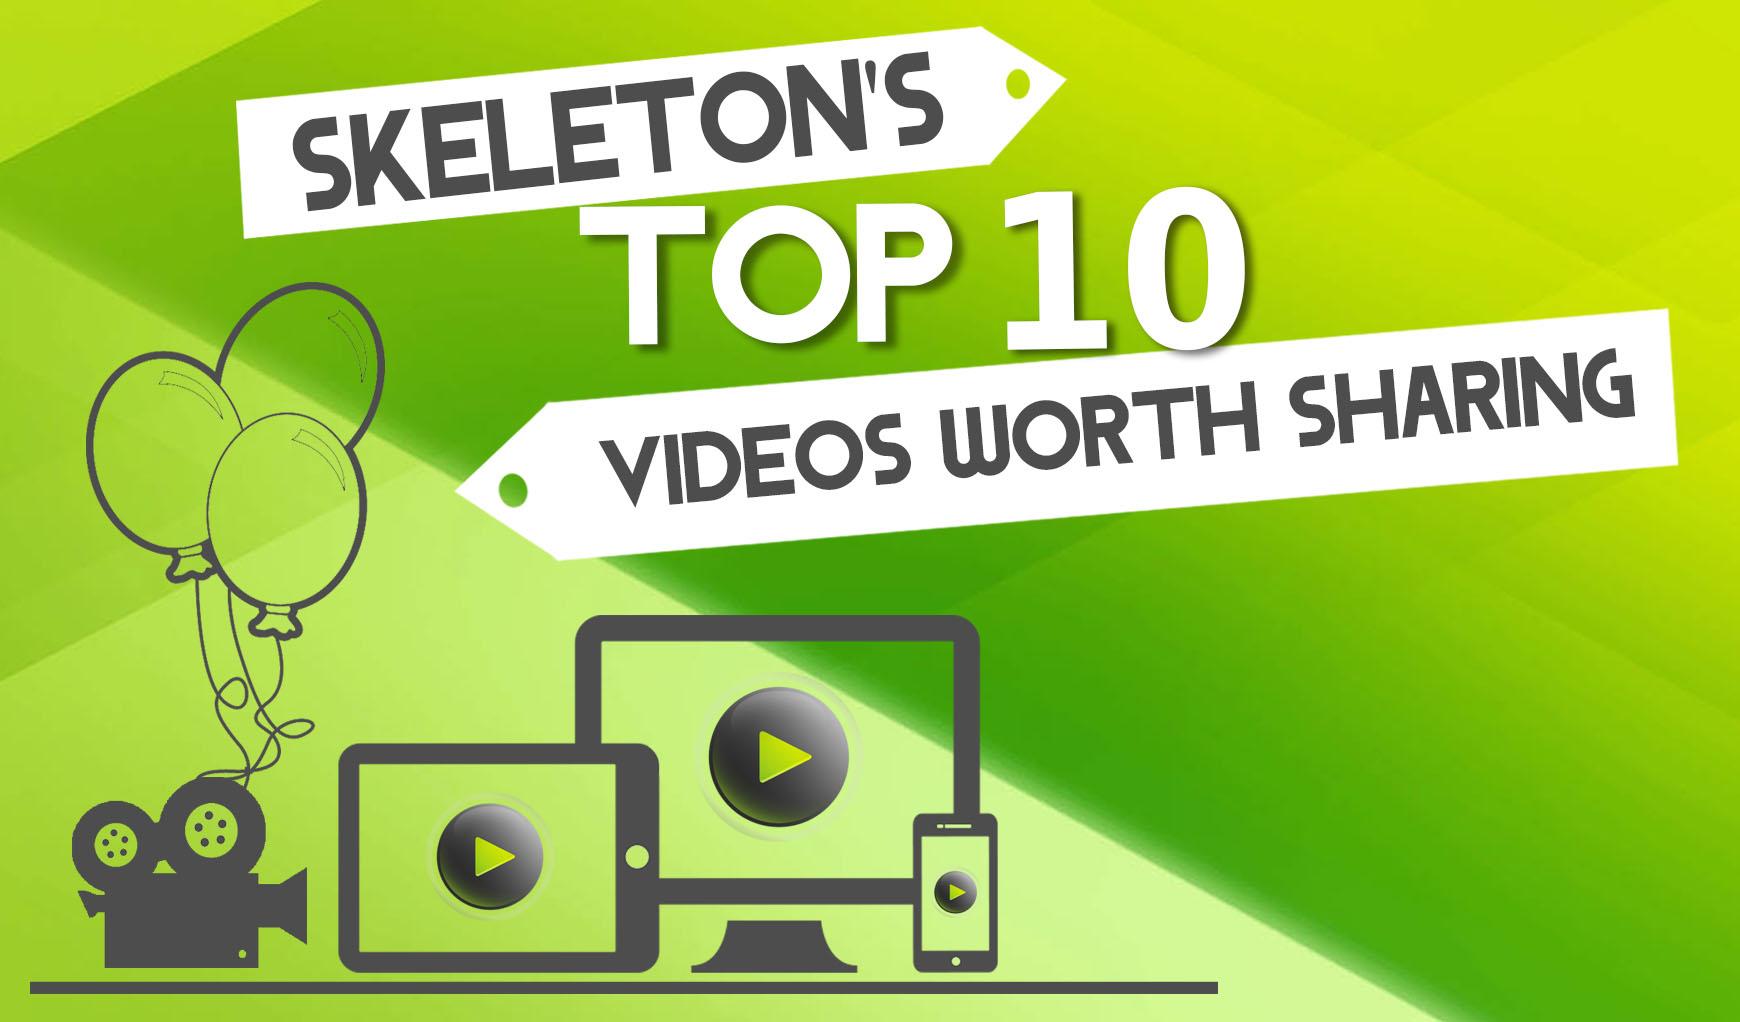 Skeleton_Top_10_VWS_image